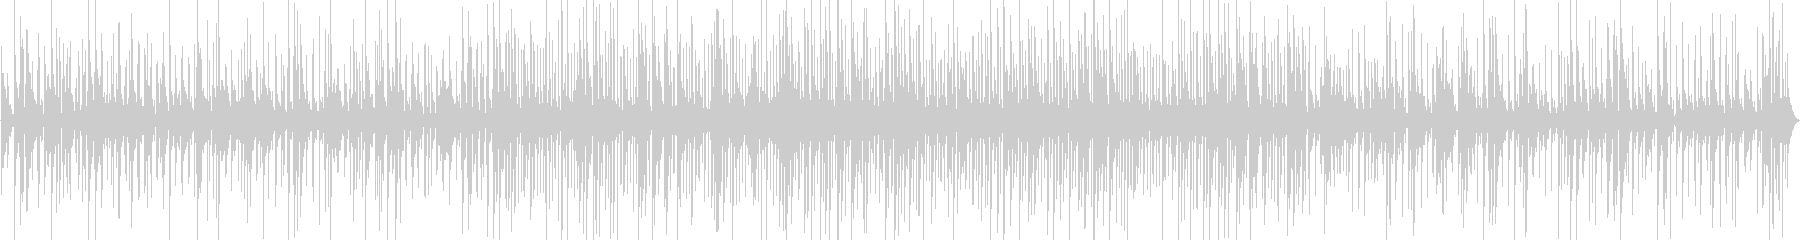 バーで流れる大人でおしゃれなジャズピアノの未再生の波形